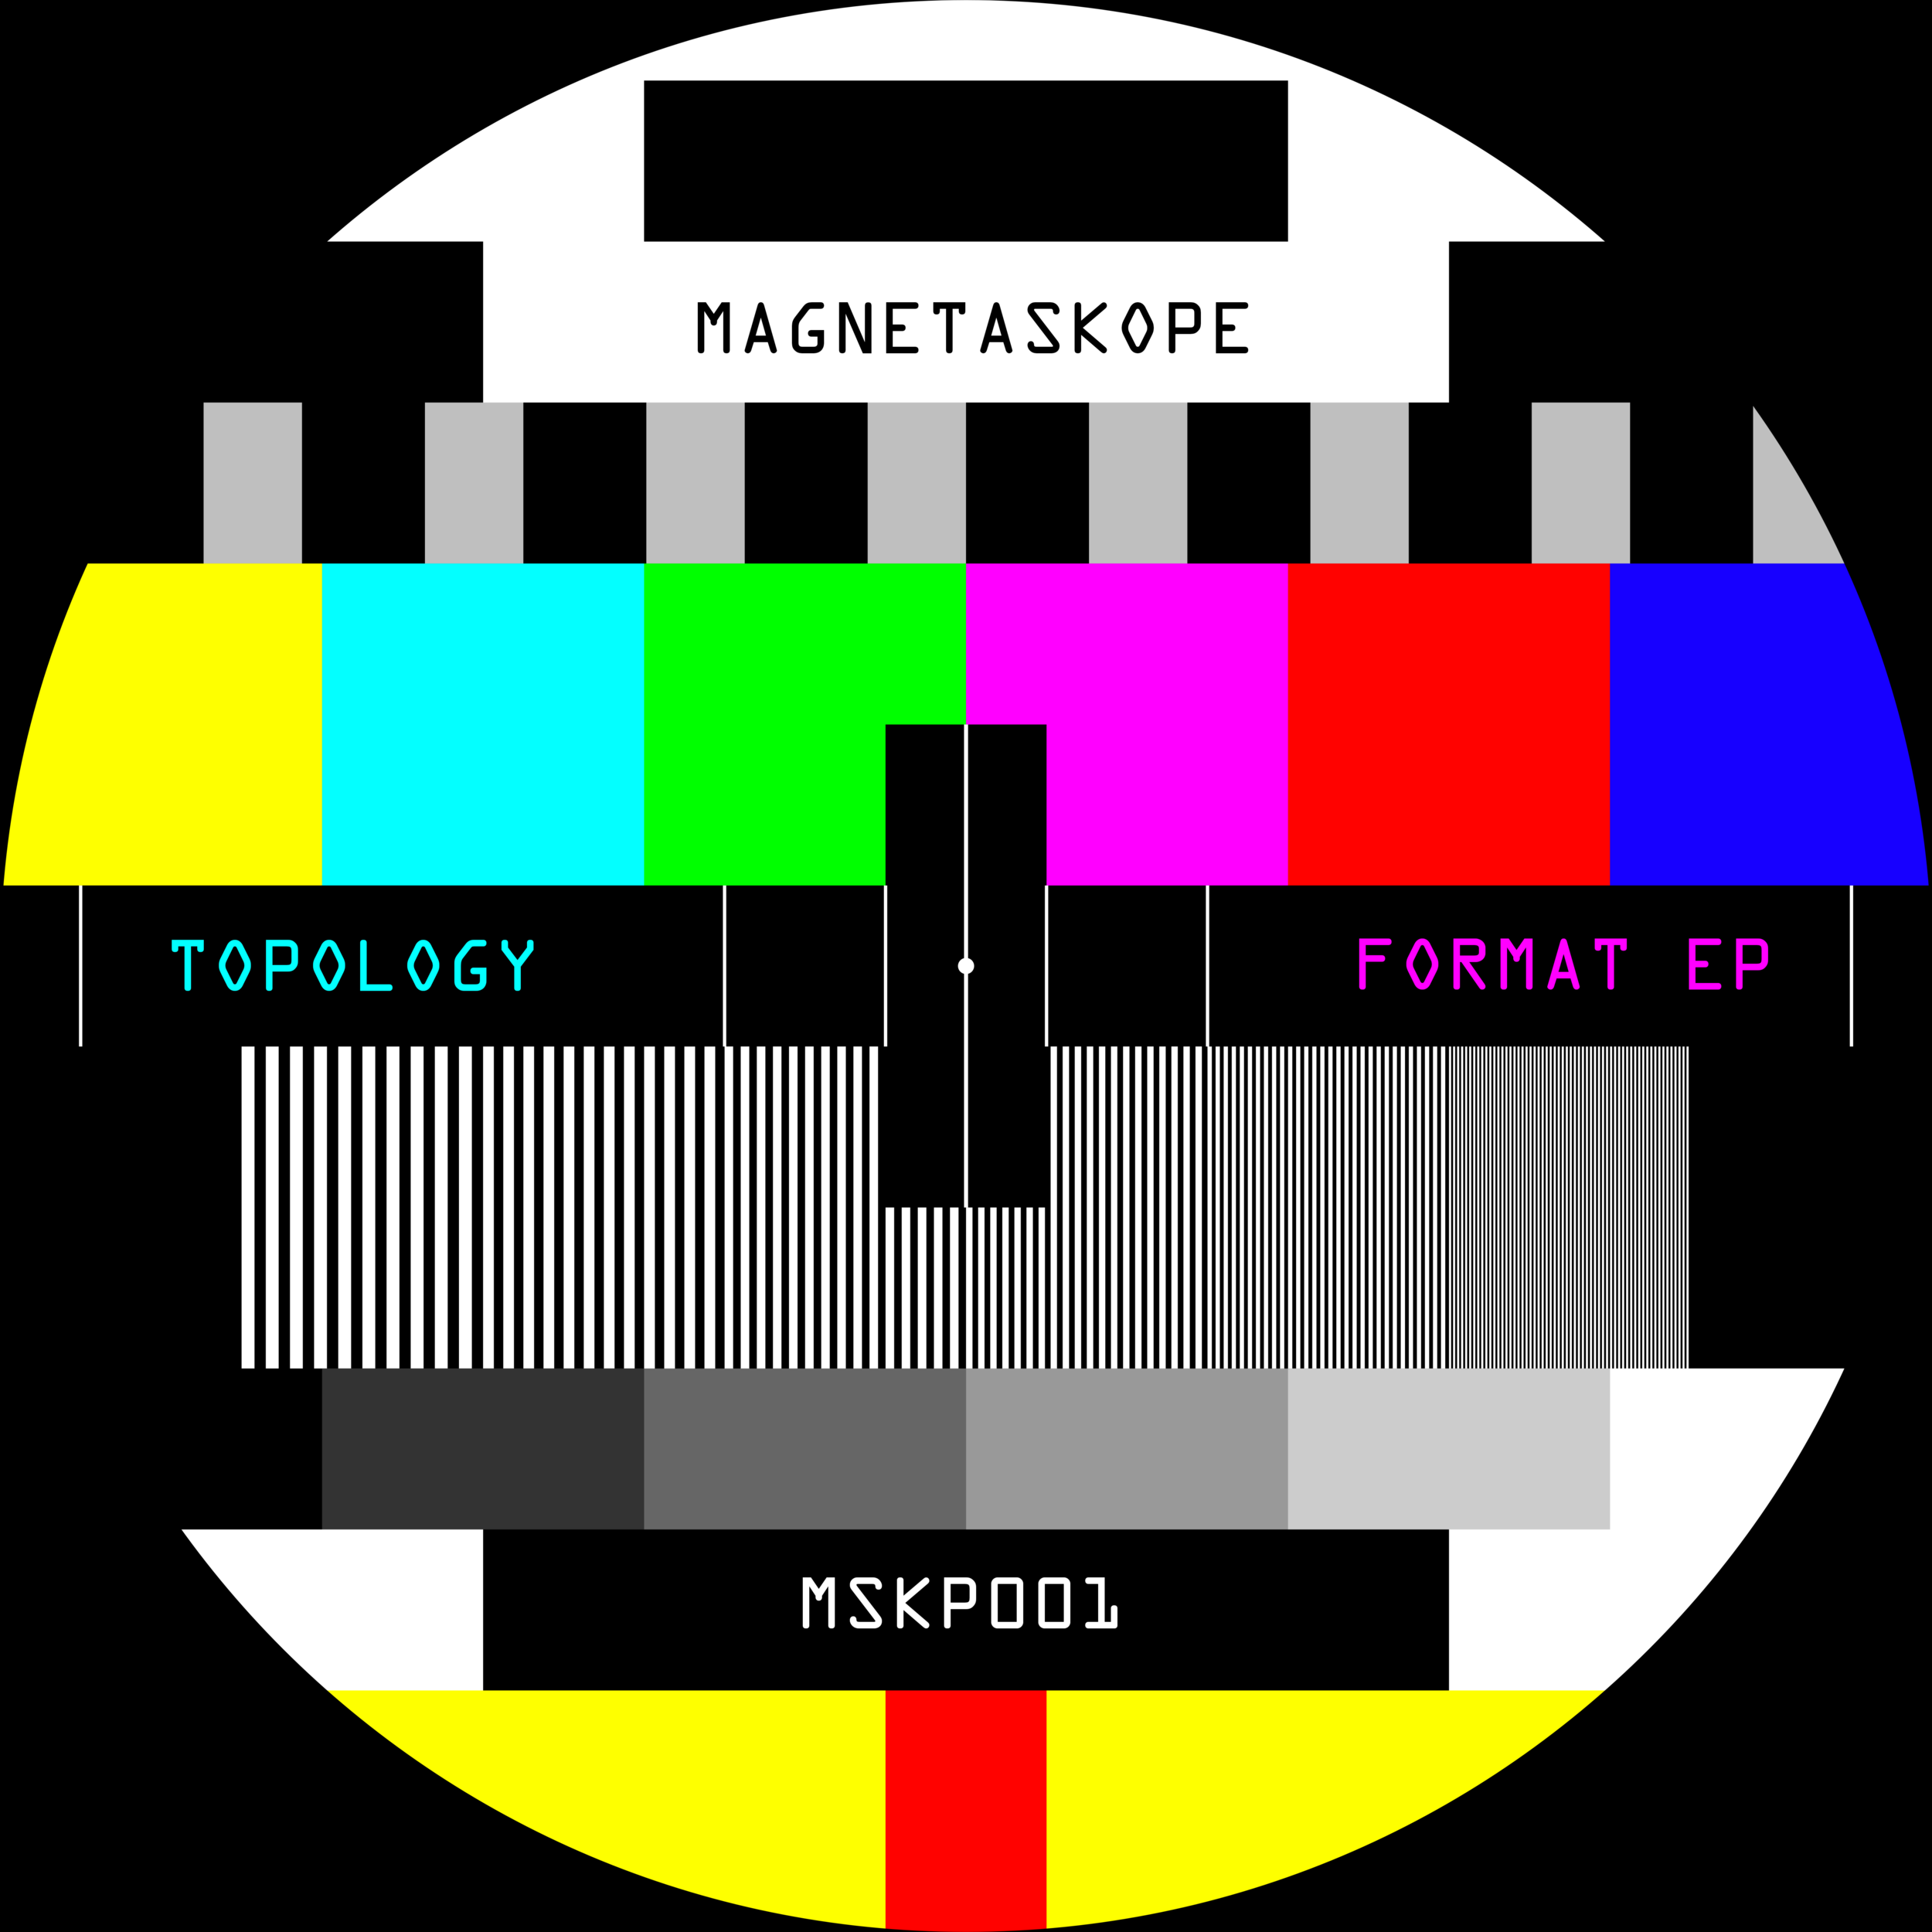 MSKP001 - TOPOLOGY // FORMAT EPRELEASED 05.10.2018